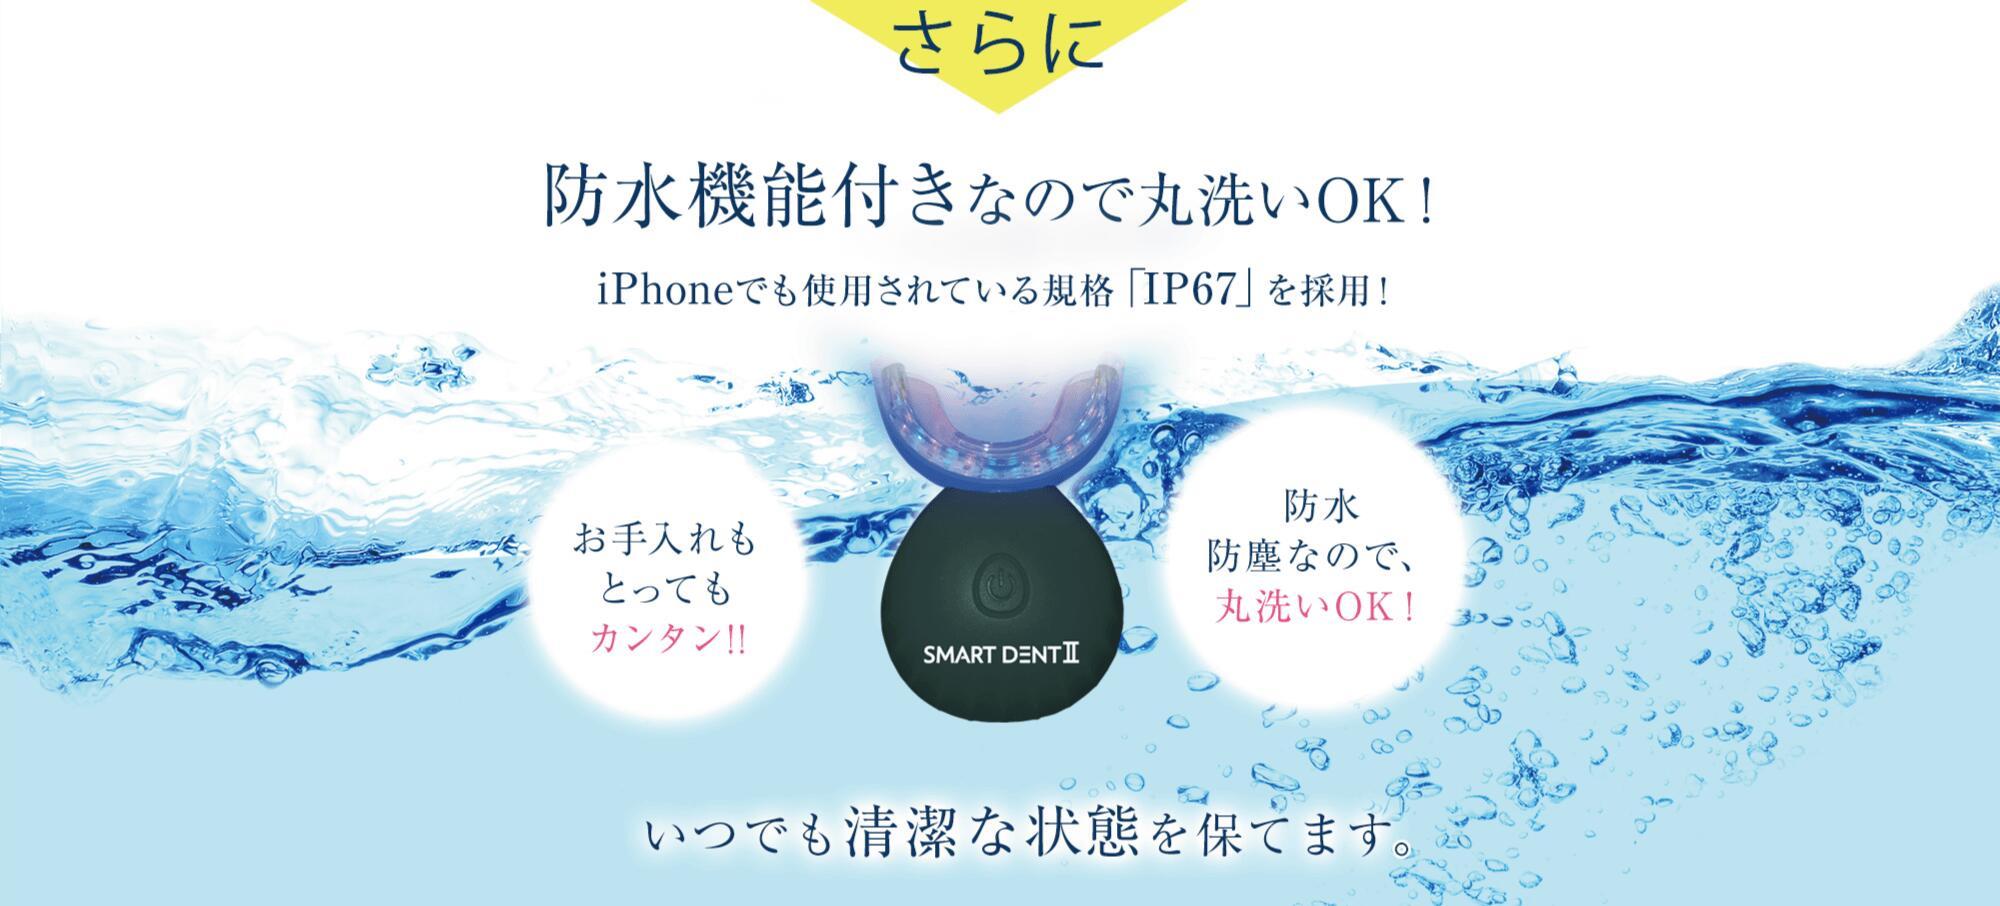 さらに防水機能付きなので丸洗いOK。iphoneでも使用されている規格「IP67」を採用